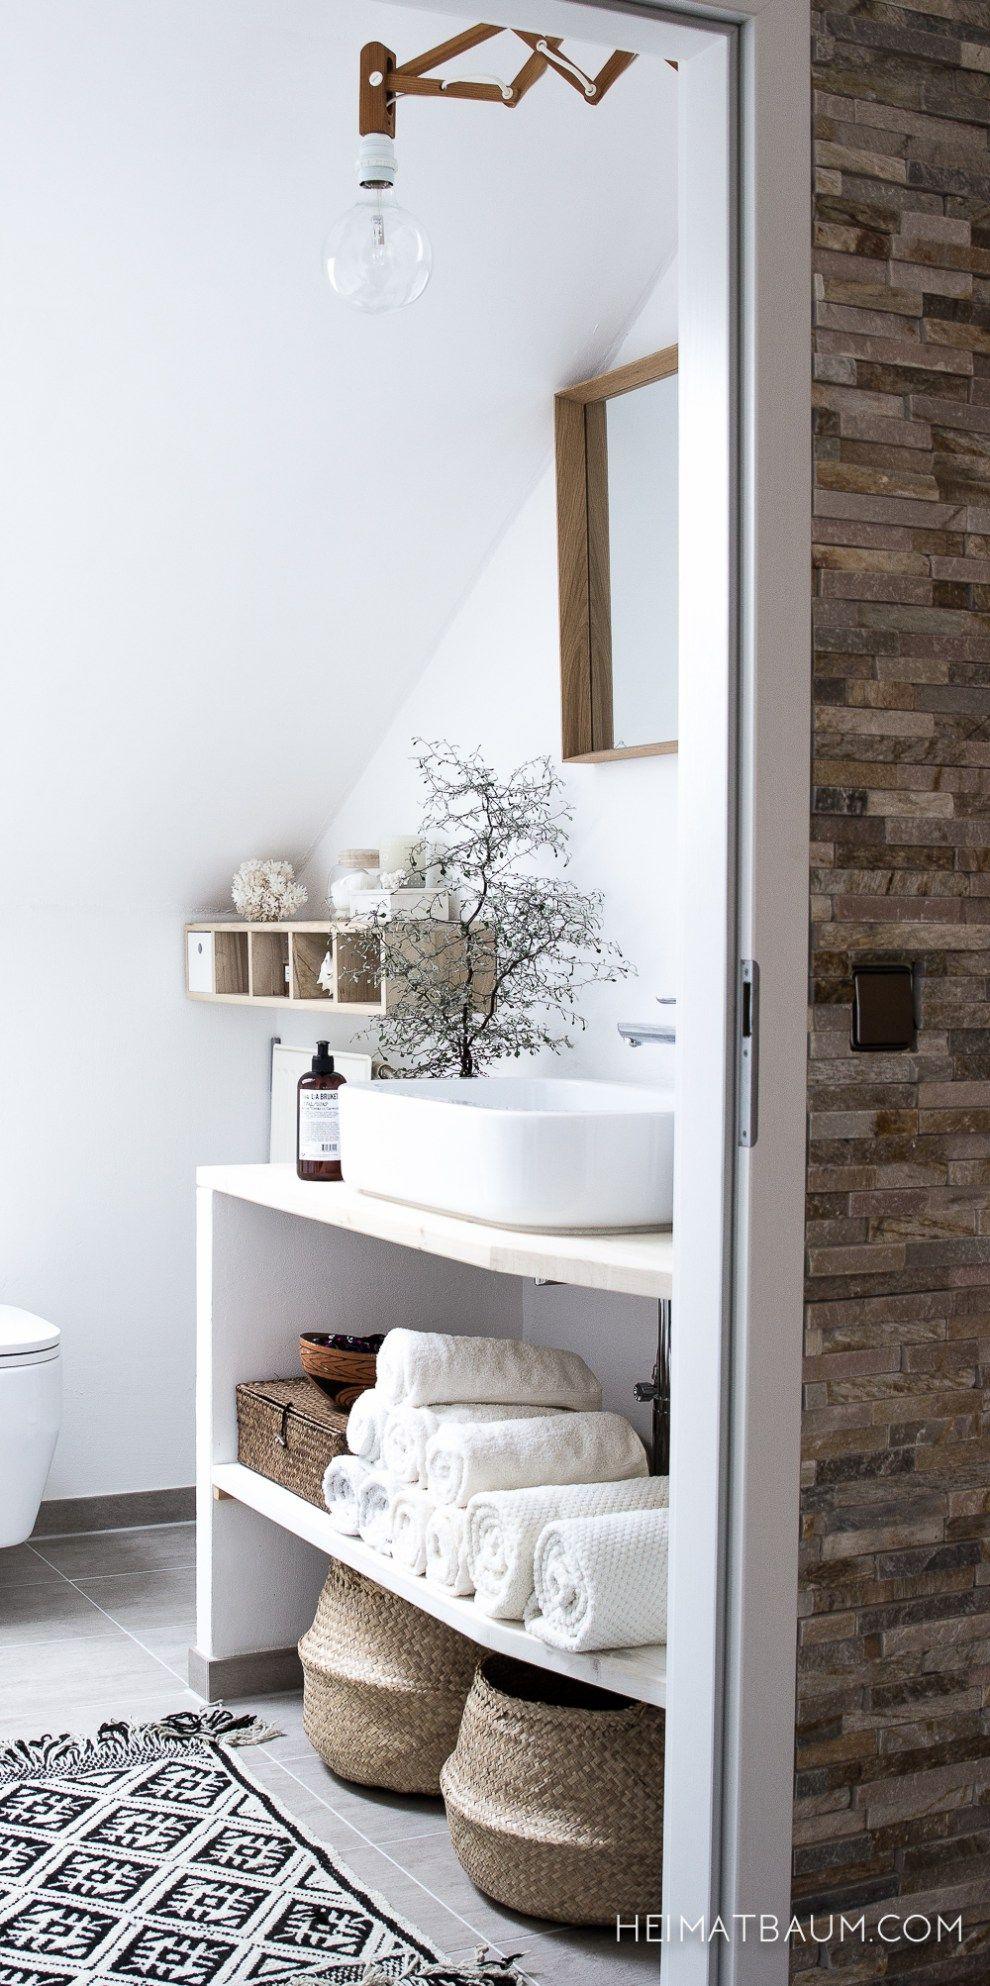 Tipps für kleine Badezimmer - HEIMATBAUM | Bathroom | Pinterest ...